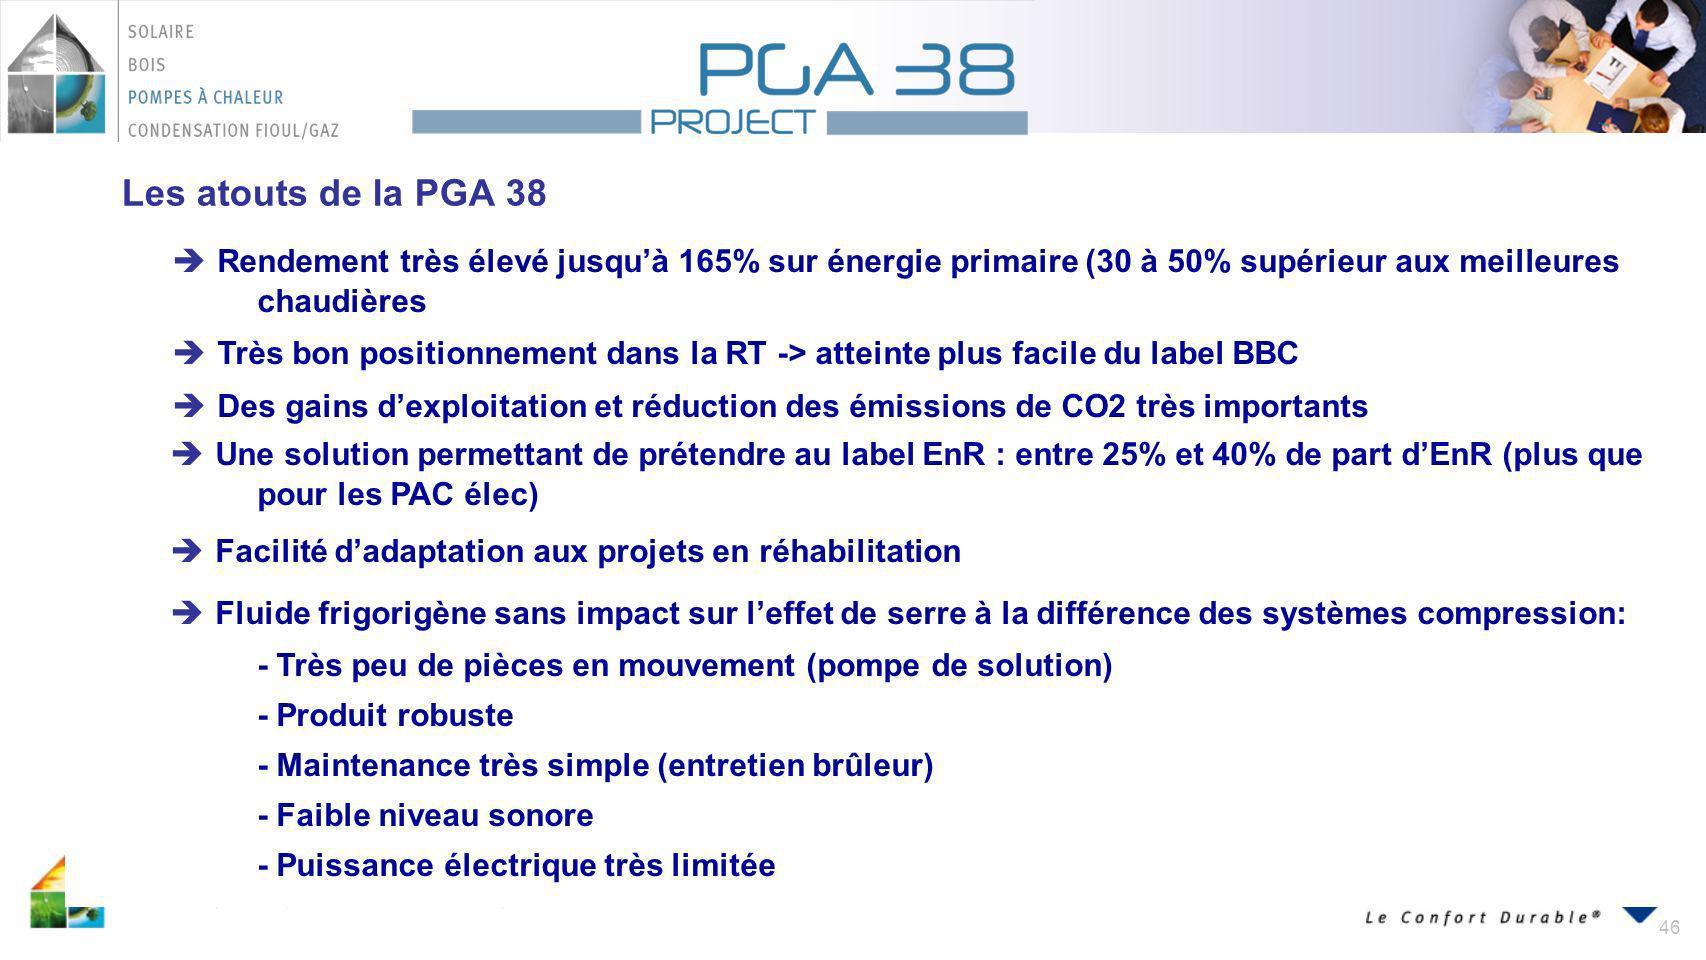 Les atouts de la PGA 38  Rendement très élevé jusqu'à 165% sur énergie primaire (30 à 50% supérieur aux meilleures chaudières.